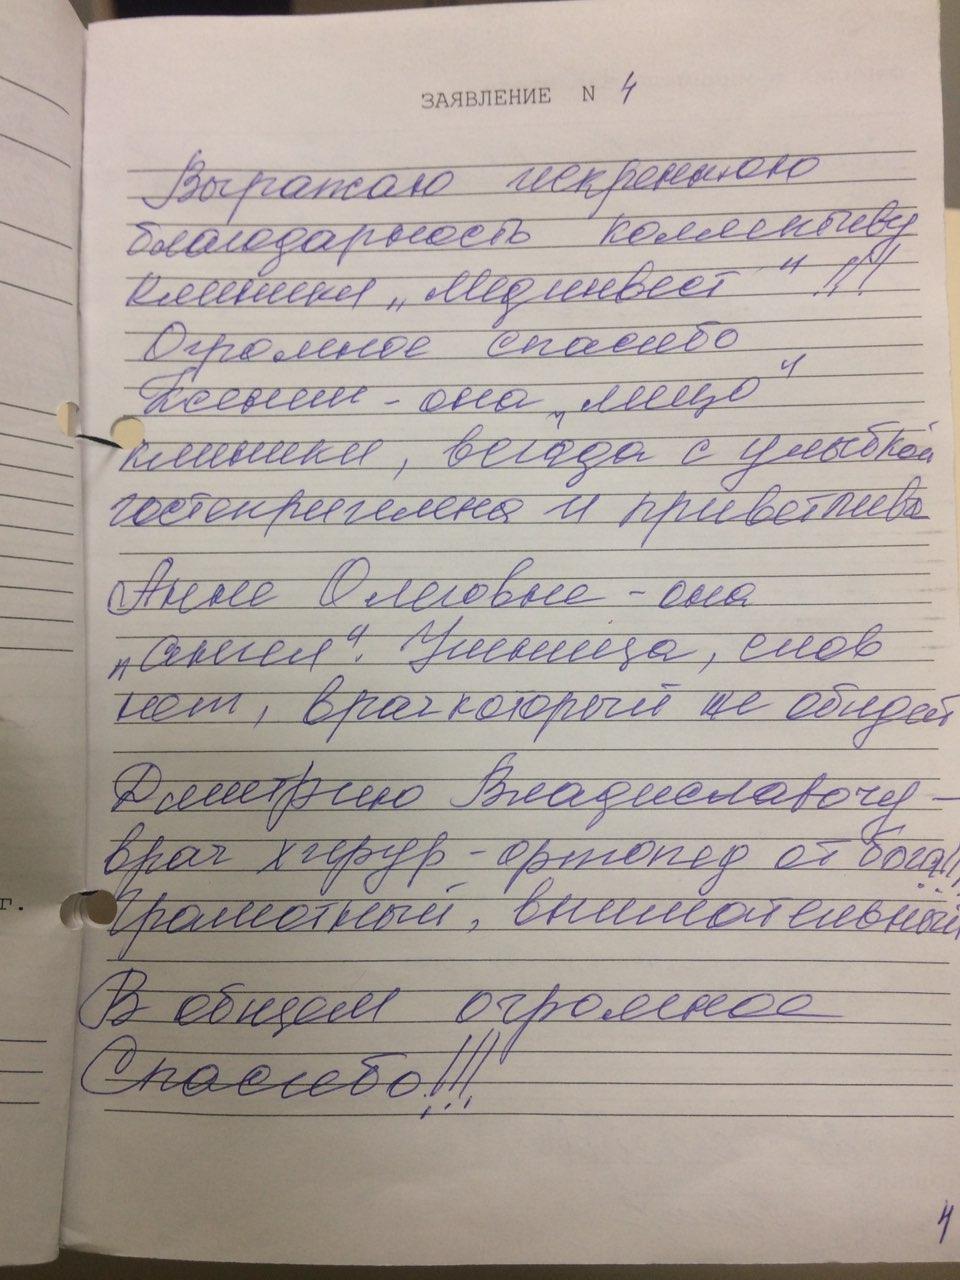 отзывы стоматологии Ярославля (4)